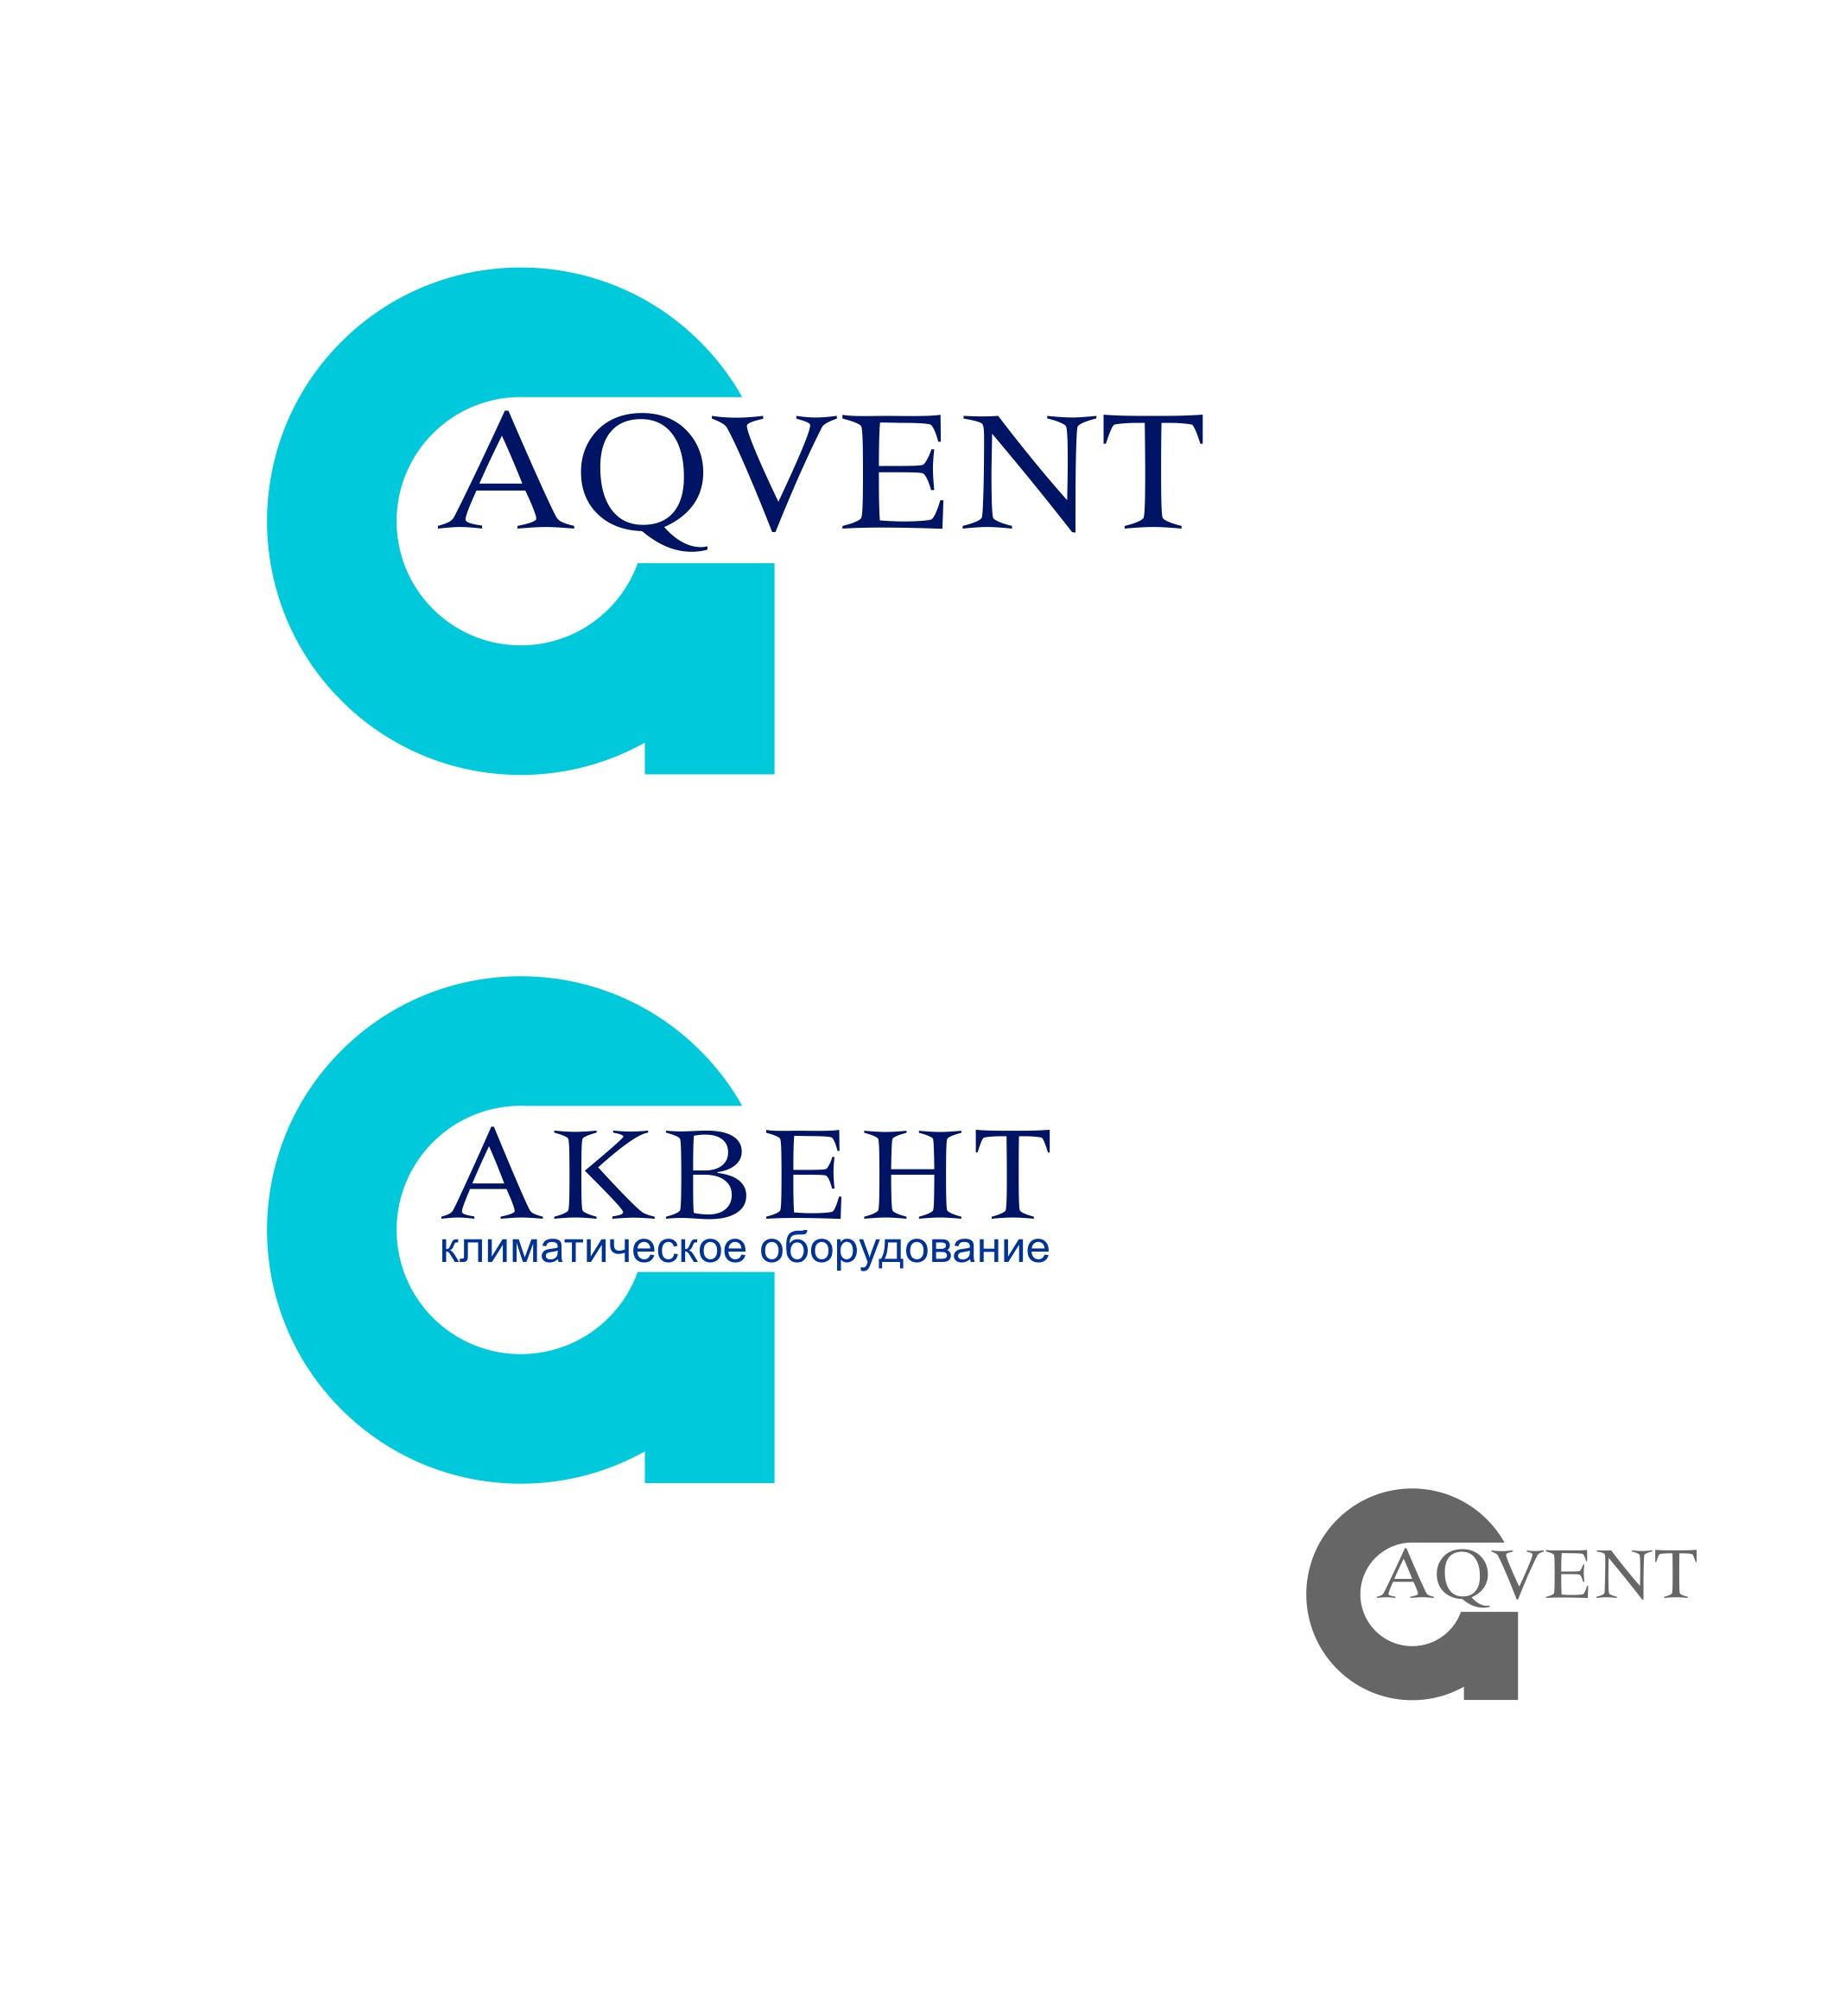 Логотип AQVENT фото f_605527e4e1b3c80c.jpg